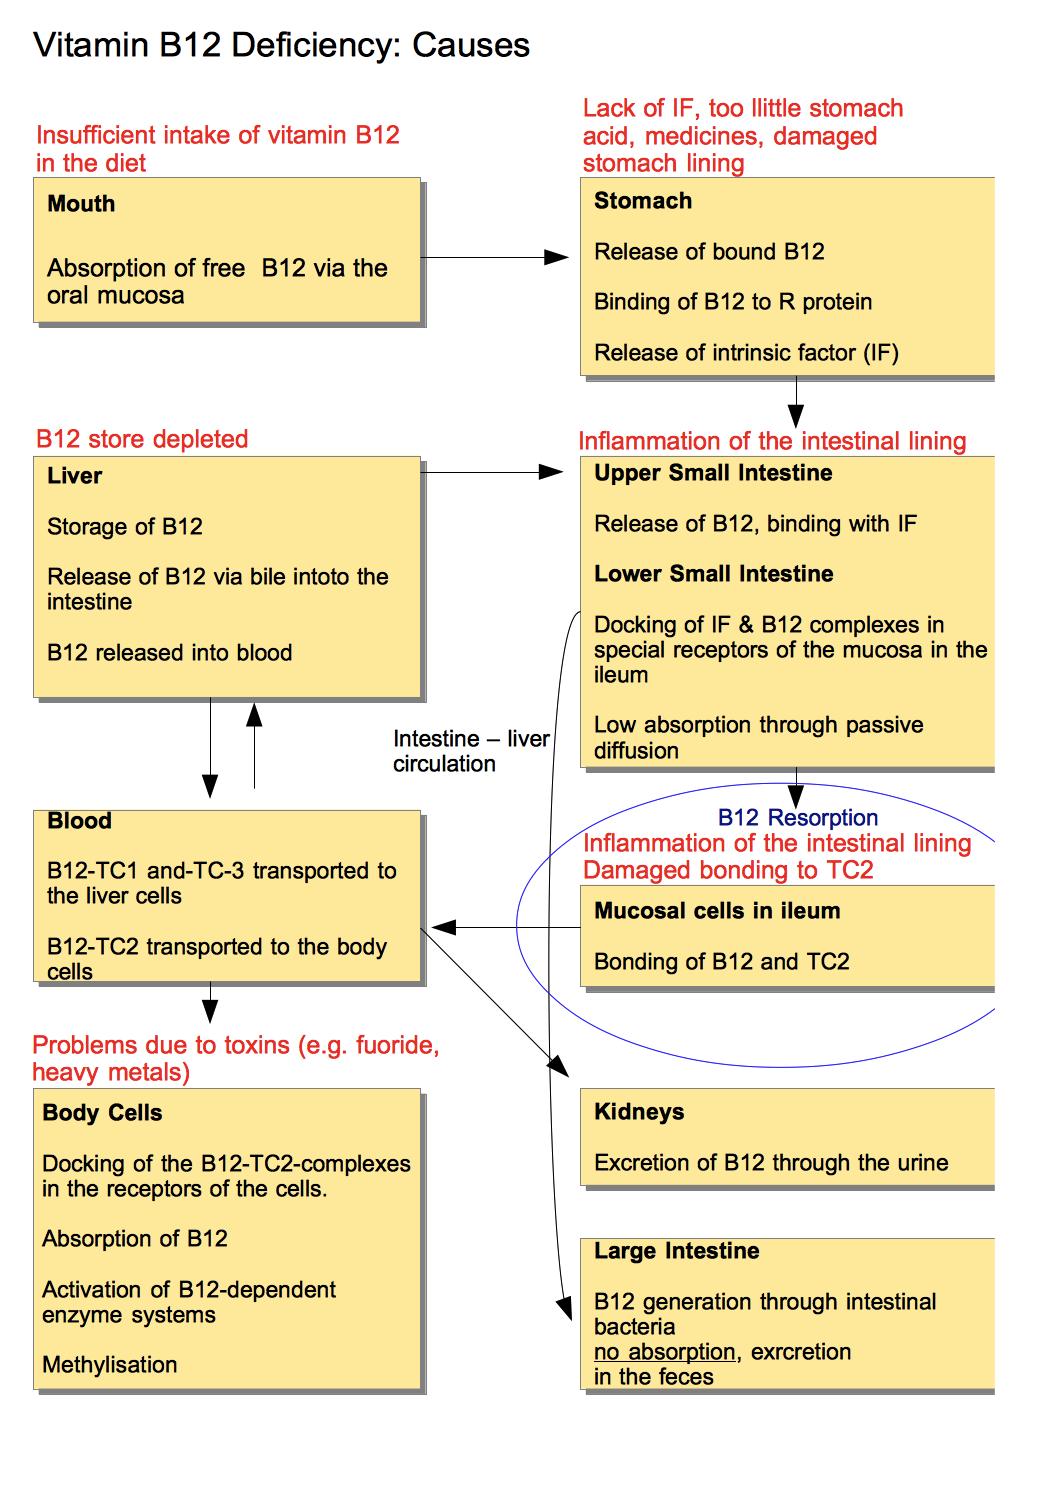 B12 Deficiency Diagram